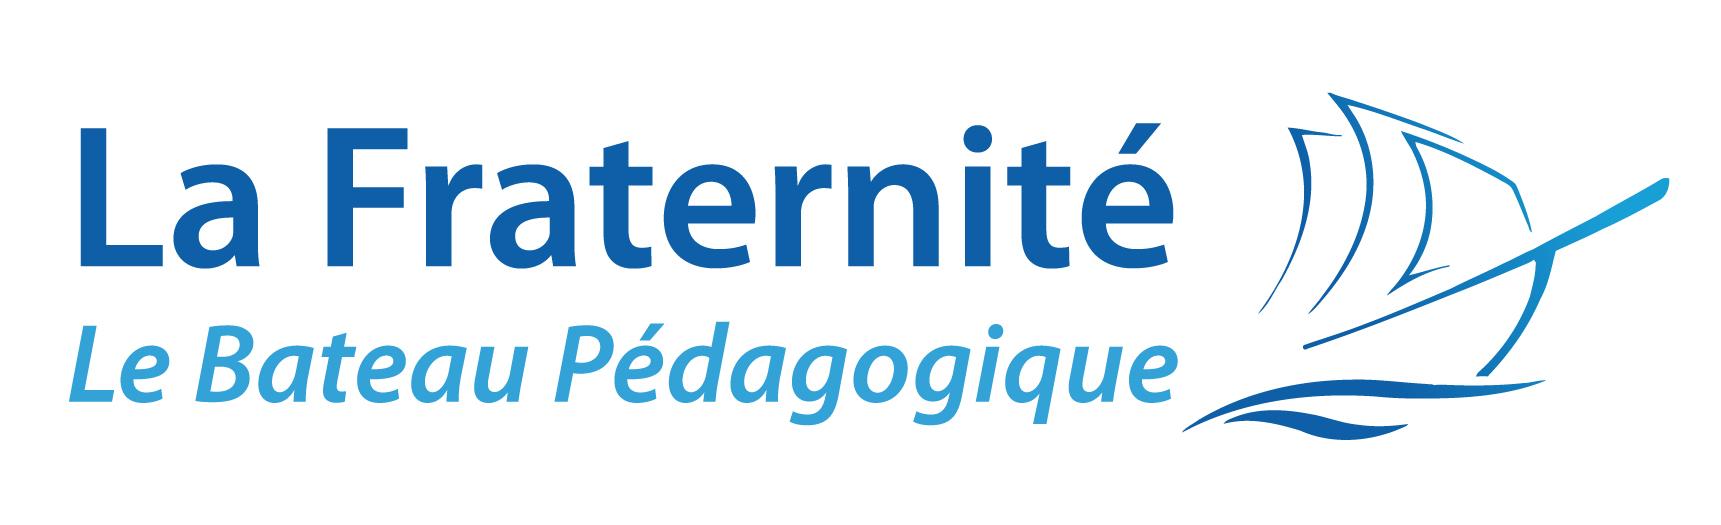 Notre partenaire : Le Bateau Pédagogique - www.bateau-pedagogique.com